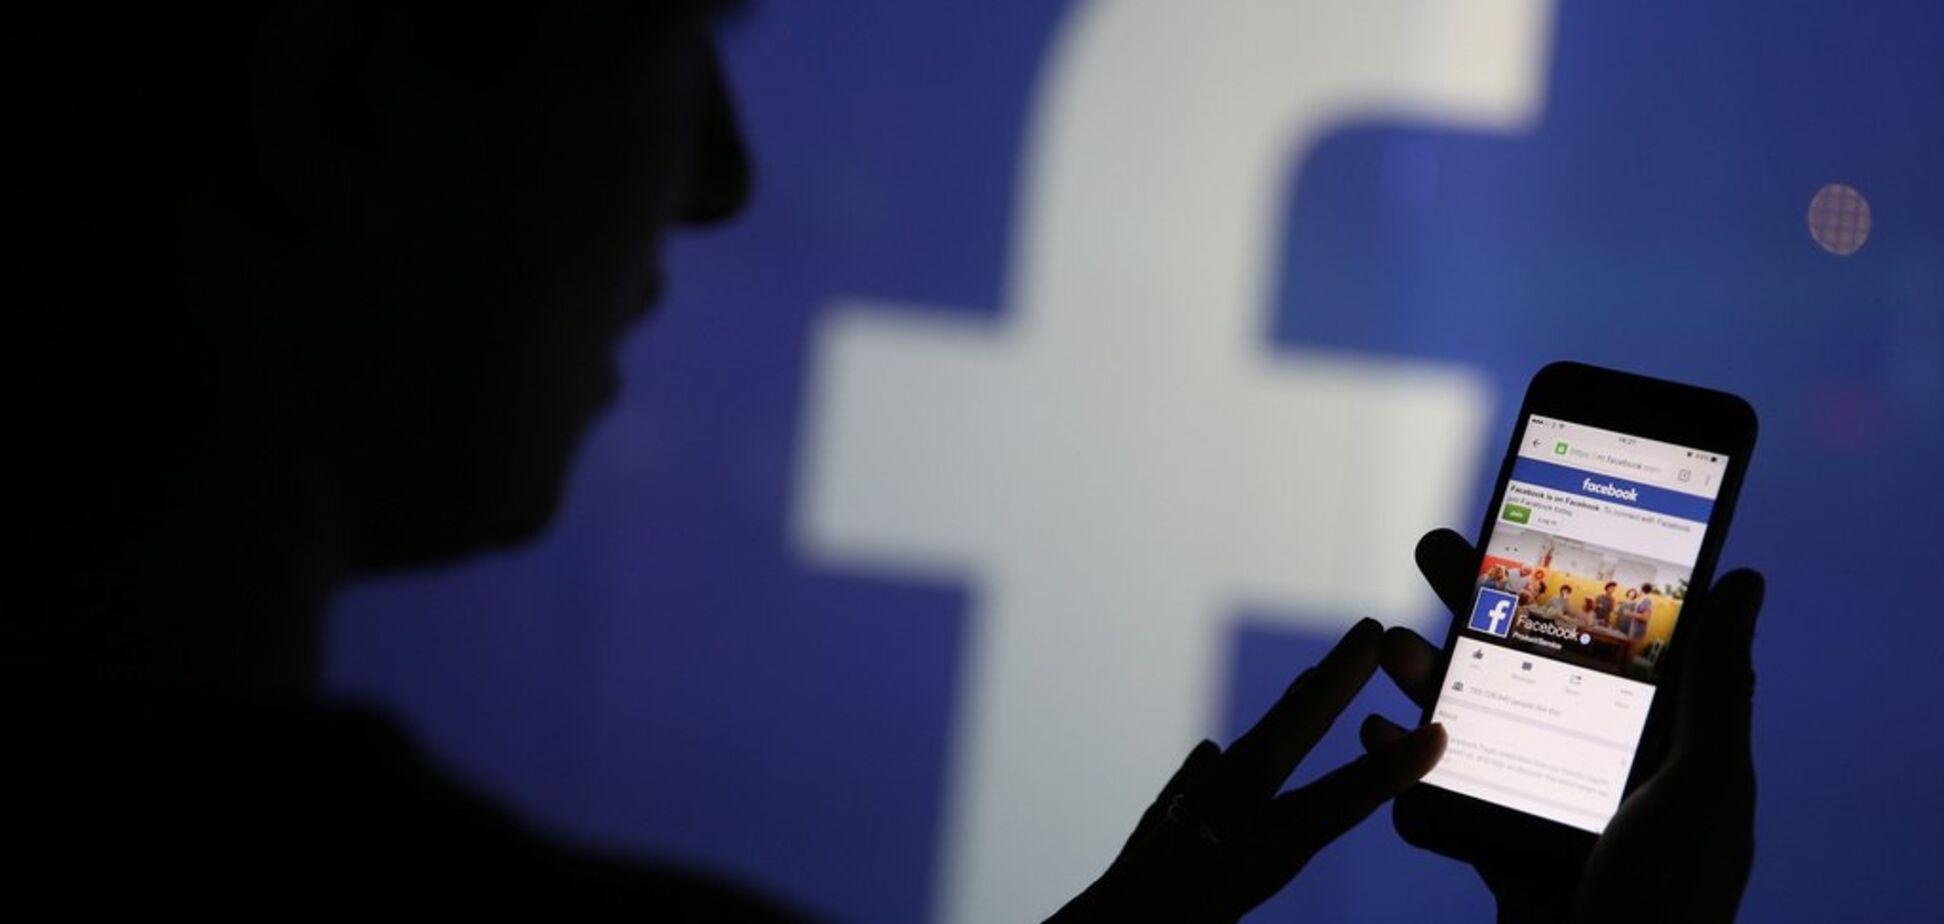 Перший випадок: Facebook зобов'язали виправити повідомлення з фейком